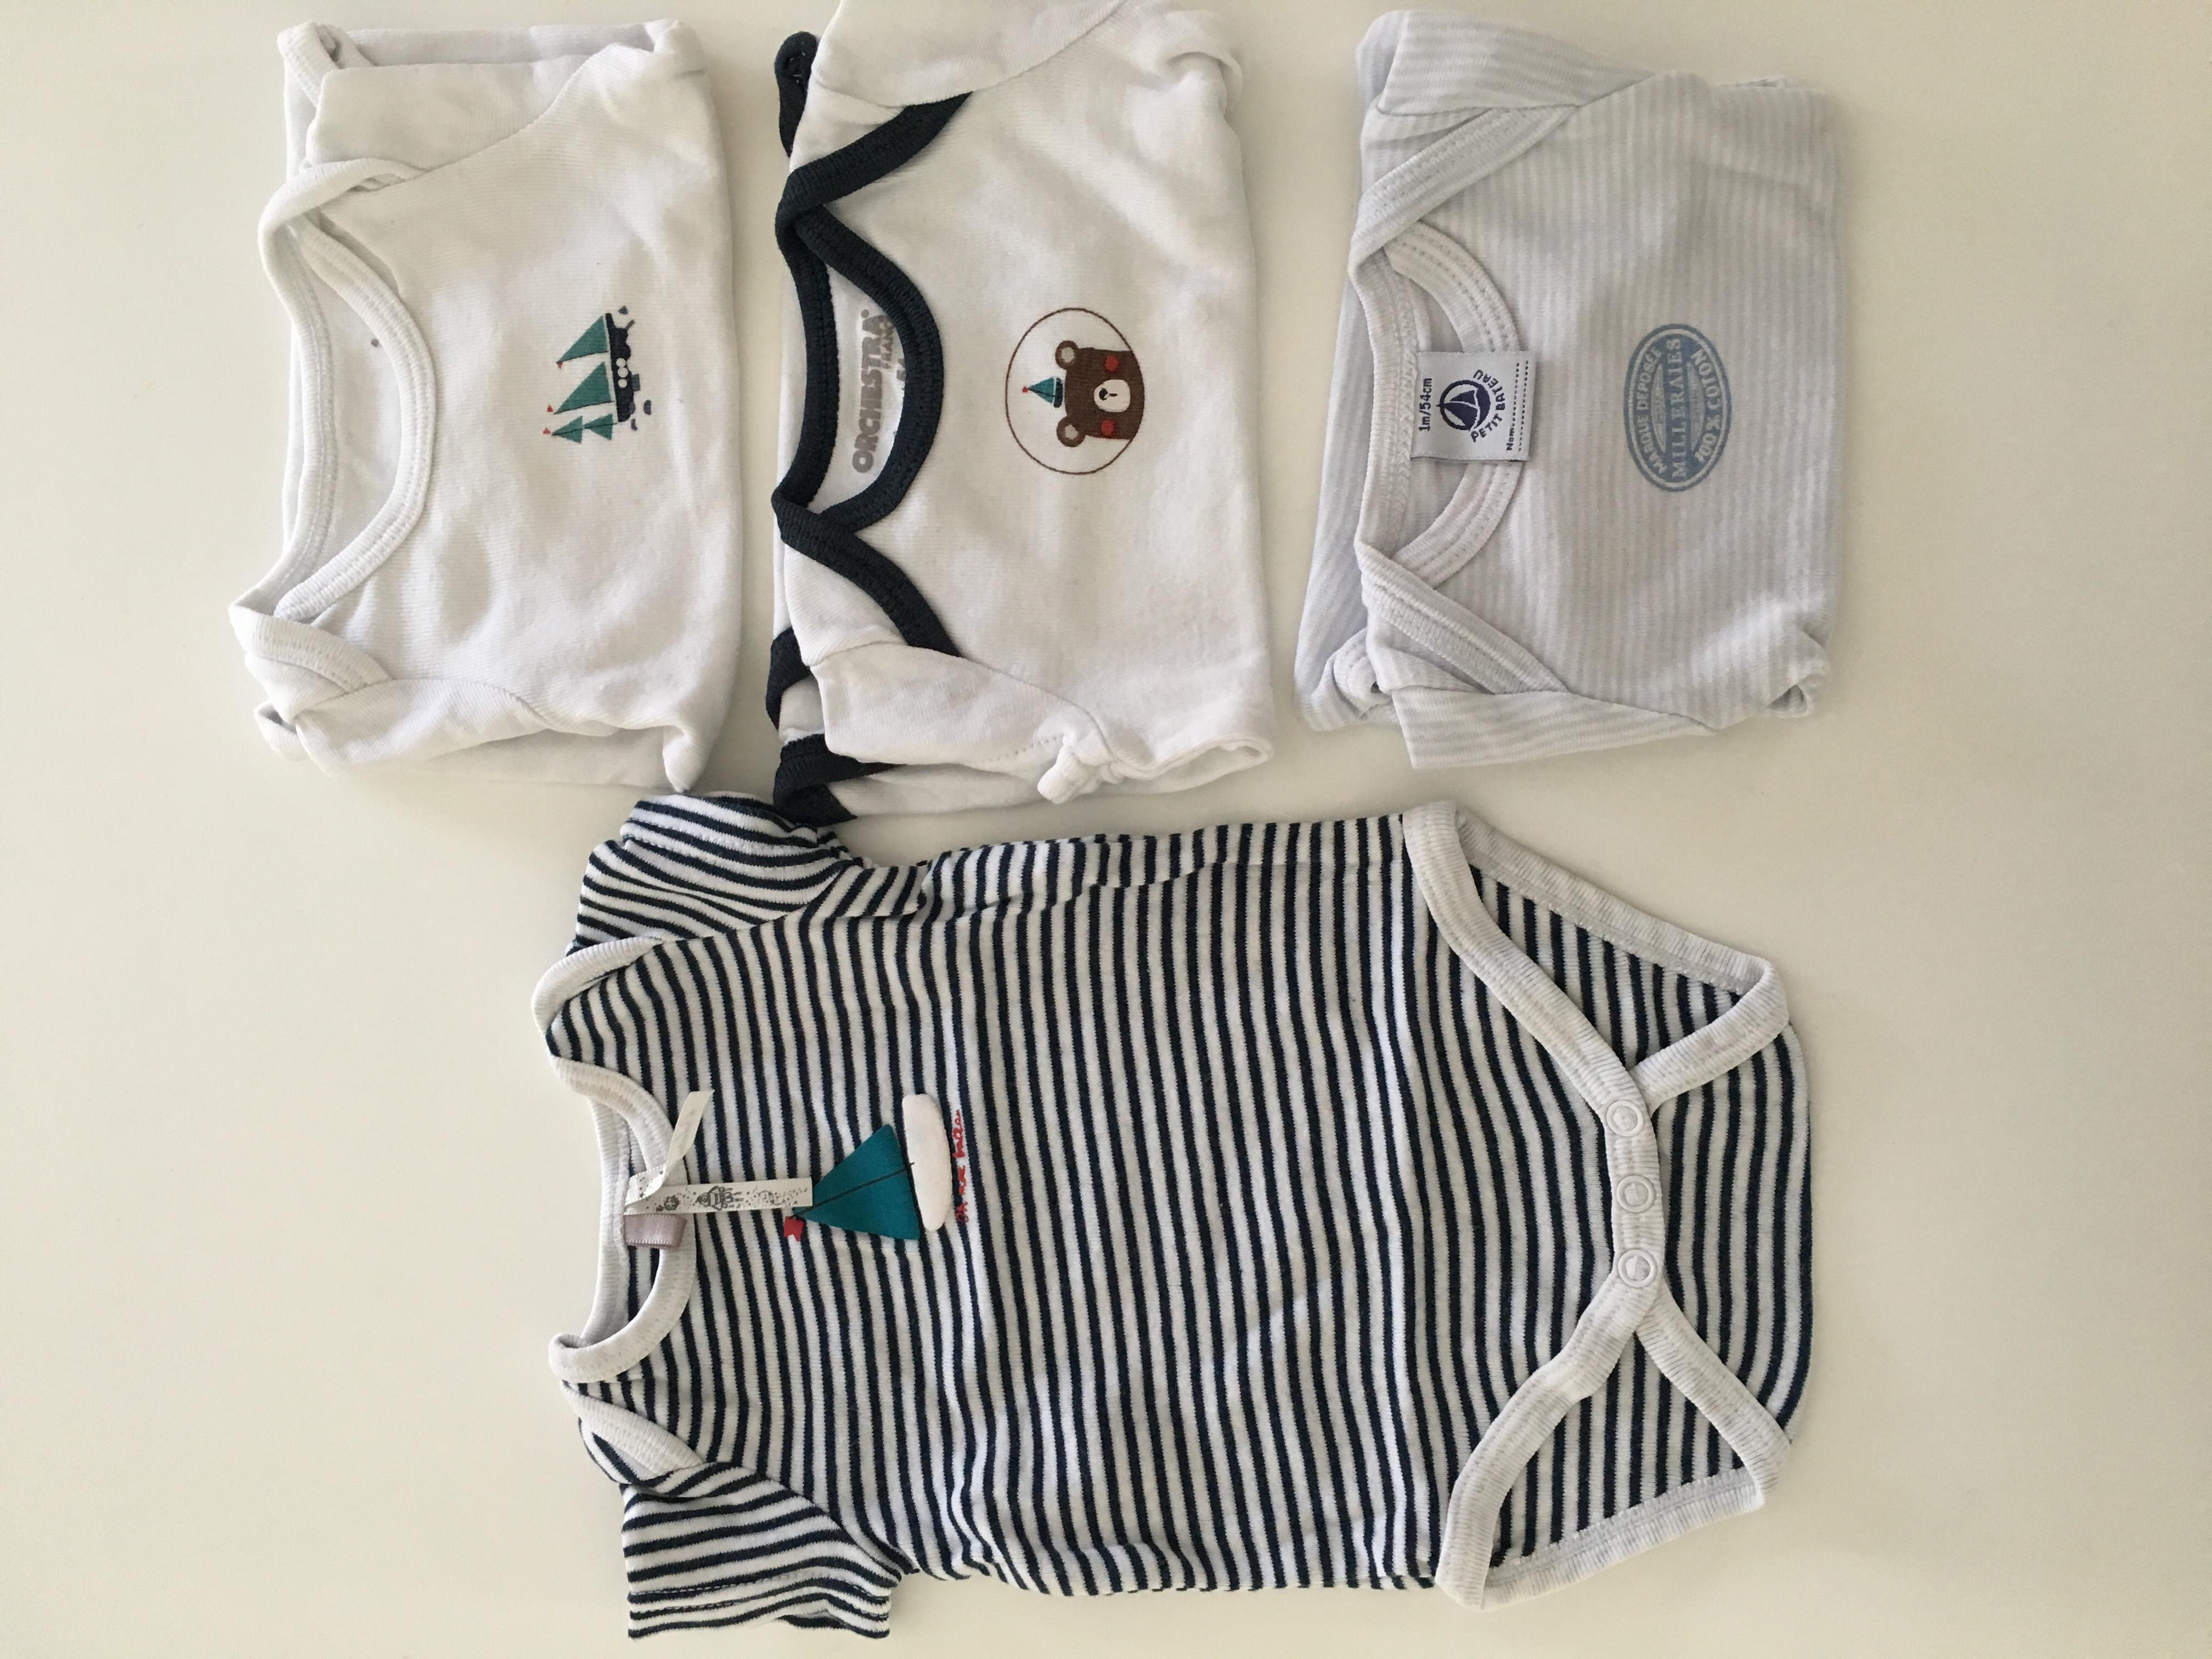 Vêtements garçon de 0 à 18 mois 1 Lyon 3 (69)